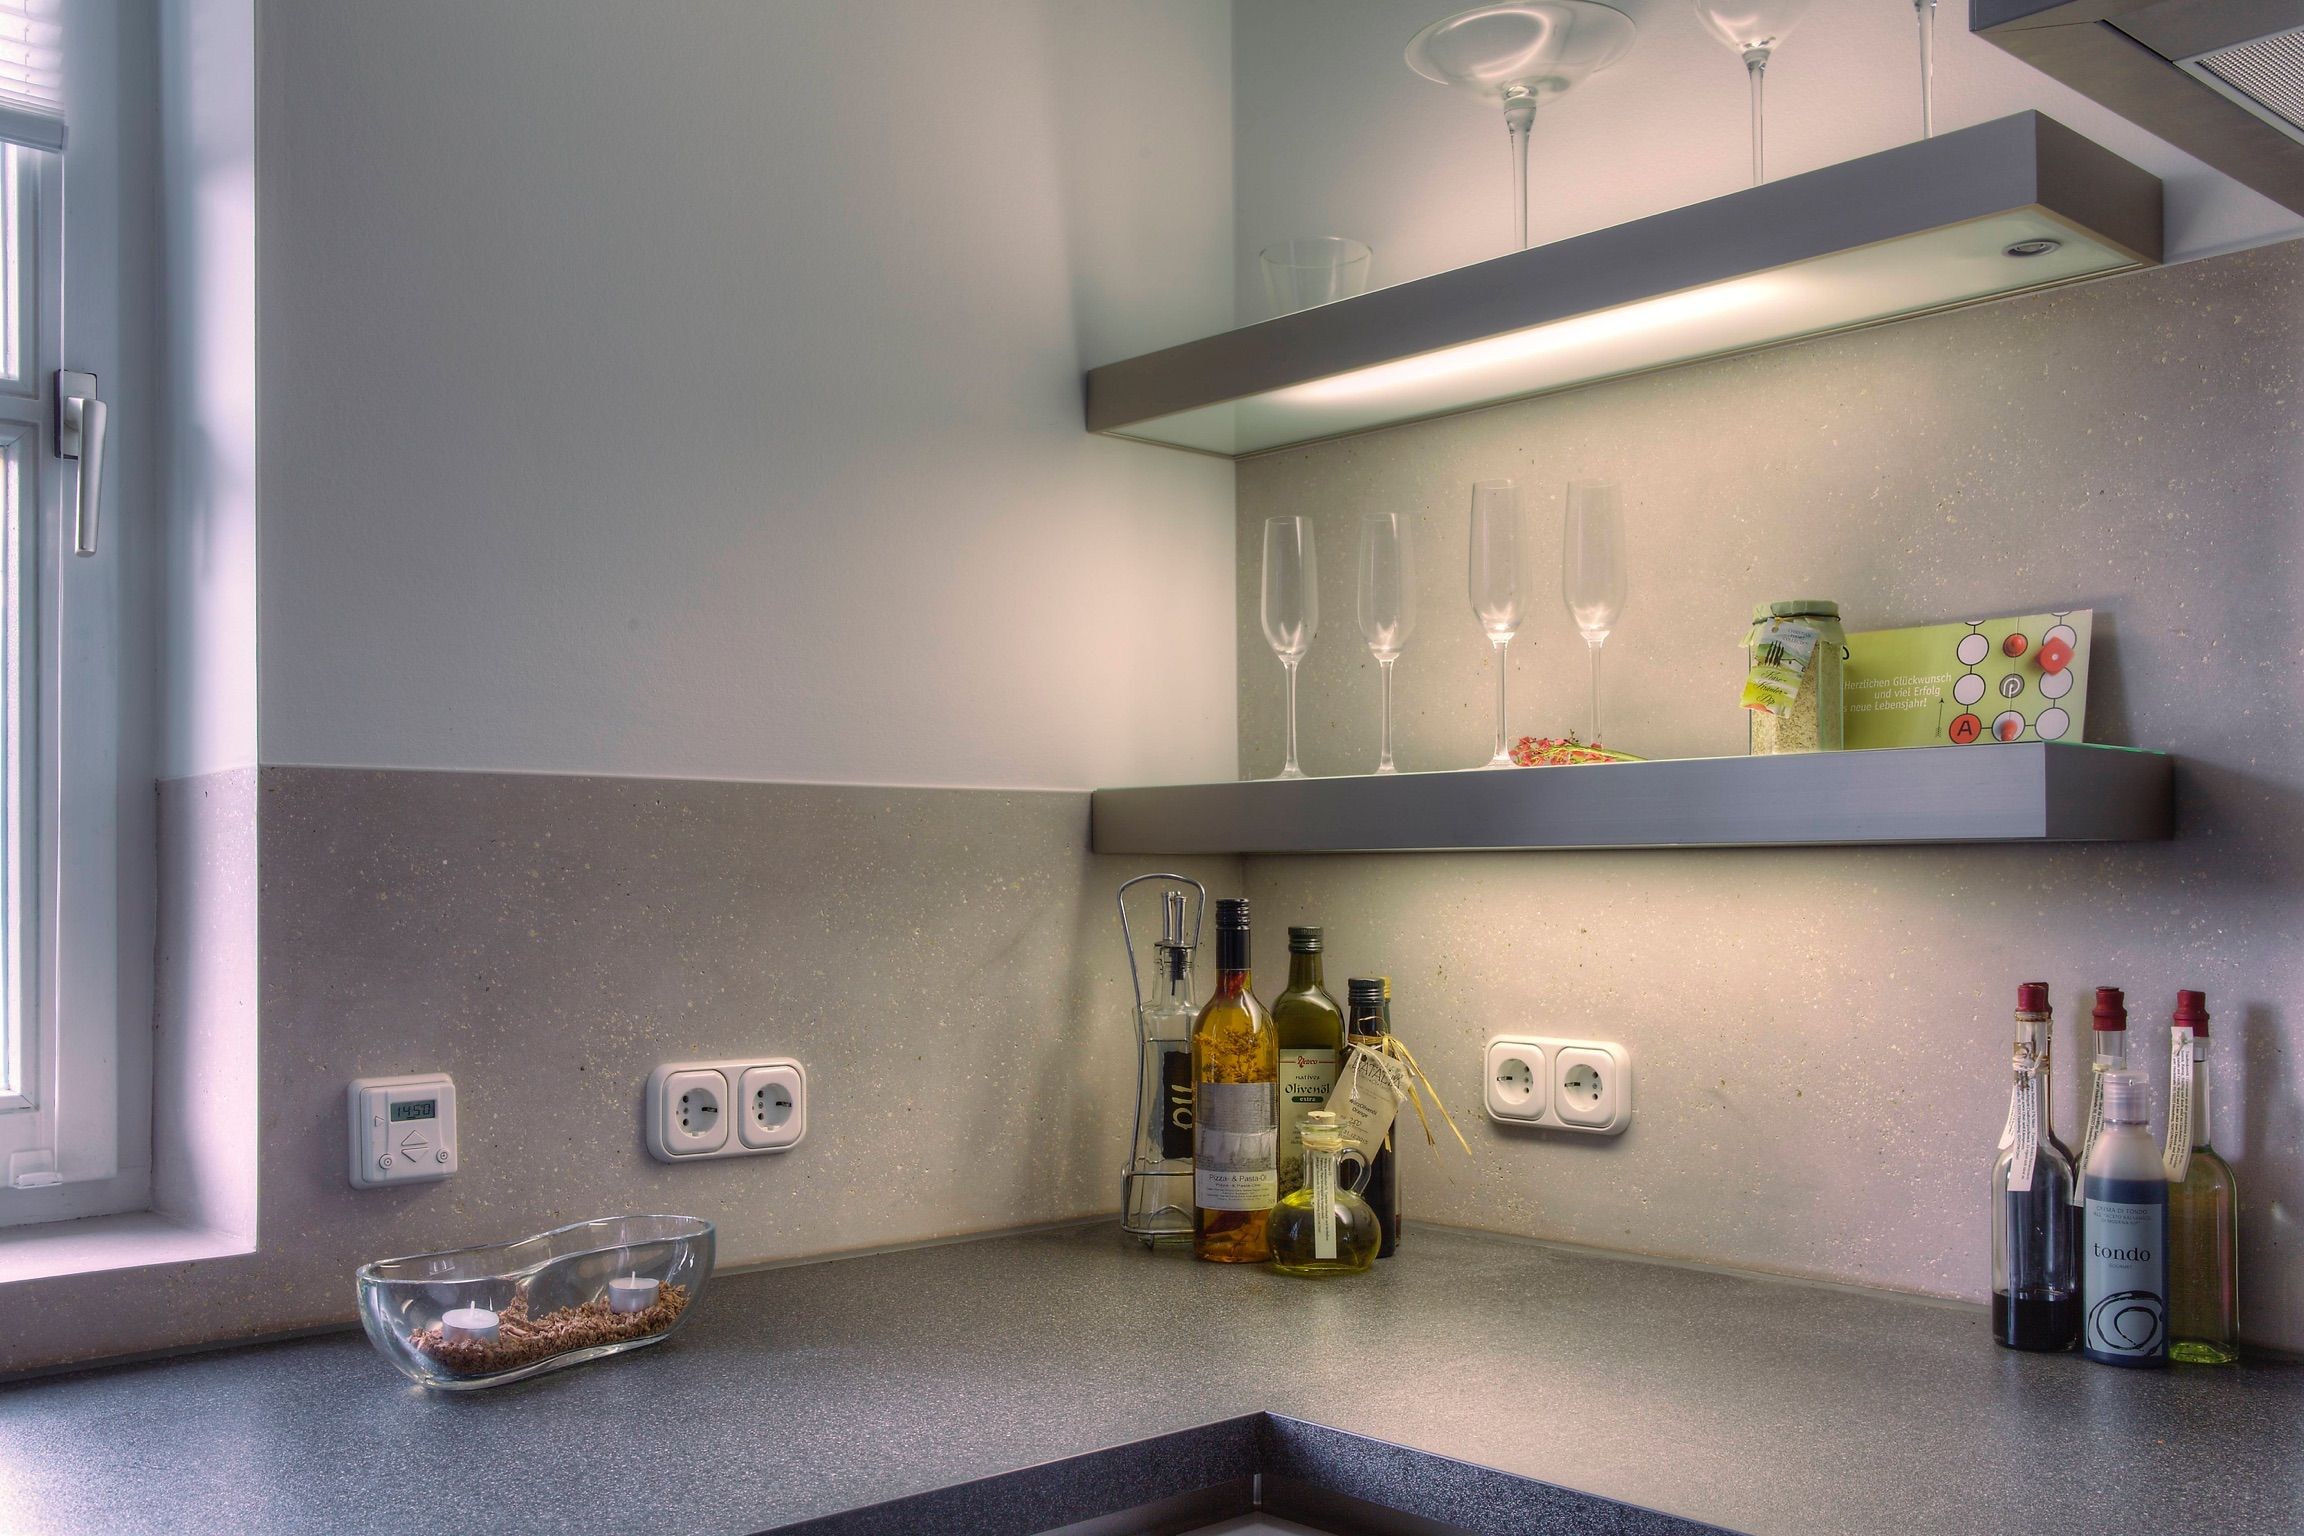 Küche: Rückwand hinter Küchenarbeitsfläche mit Terra Stone ...